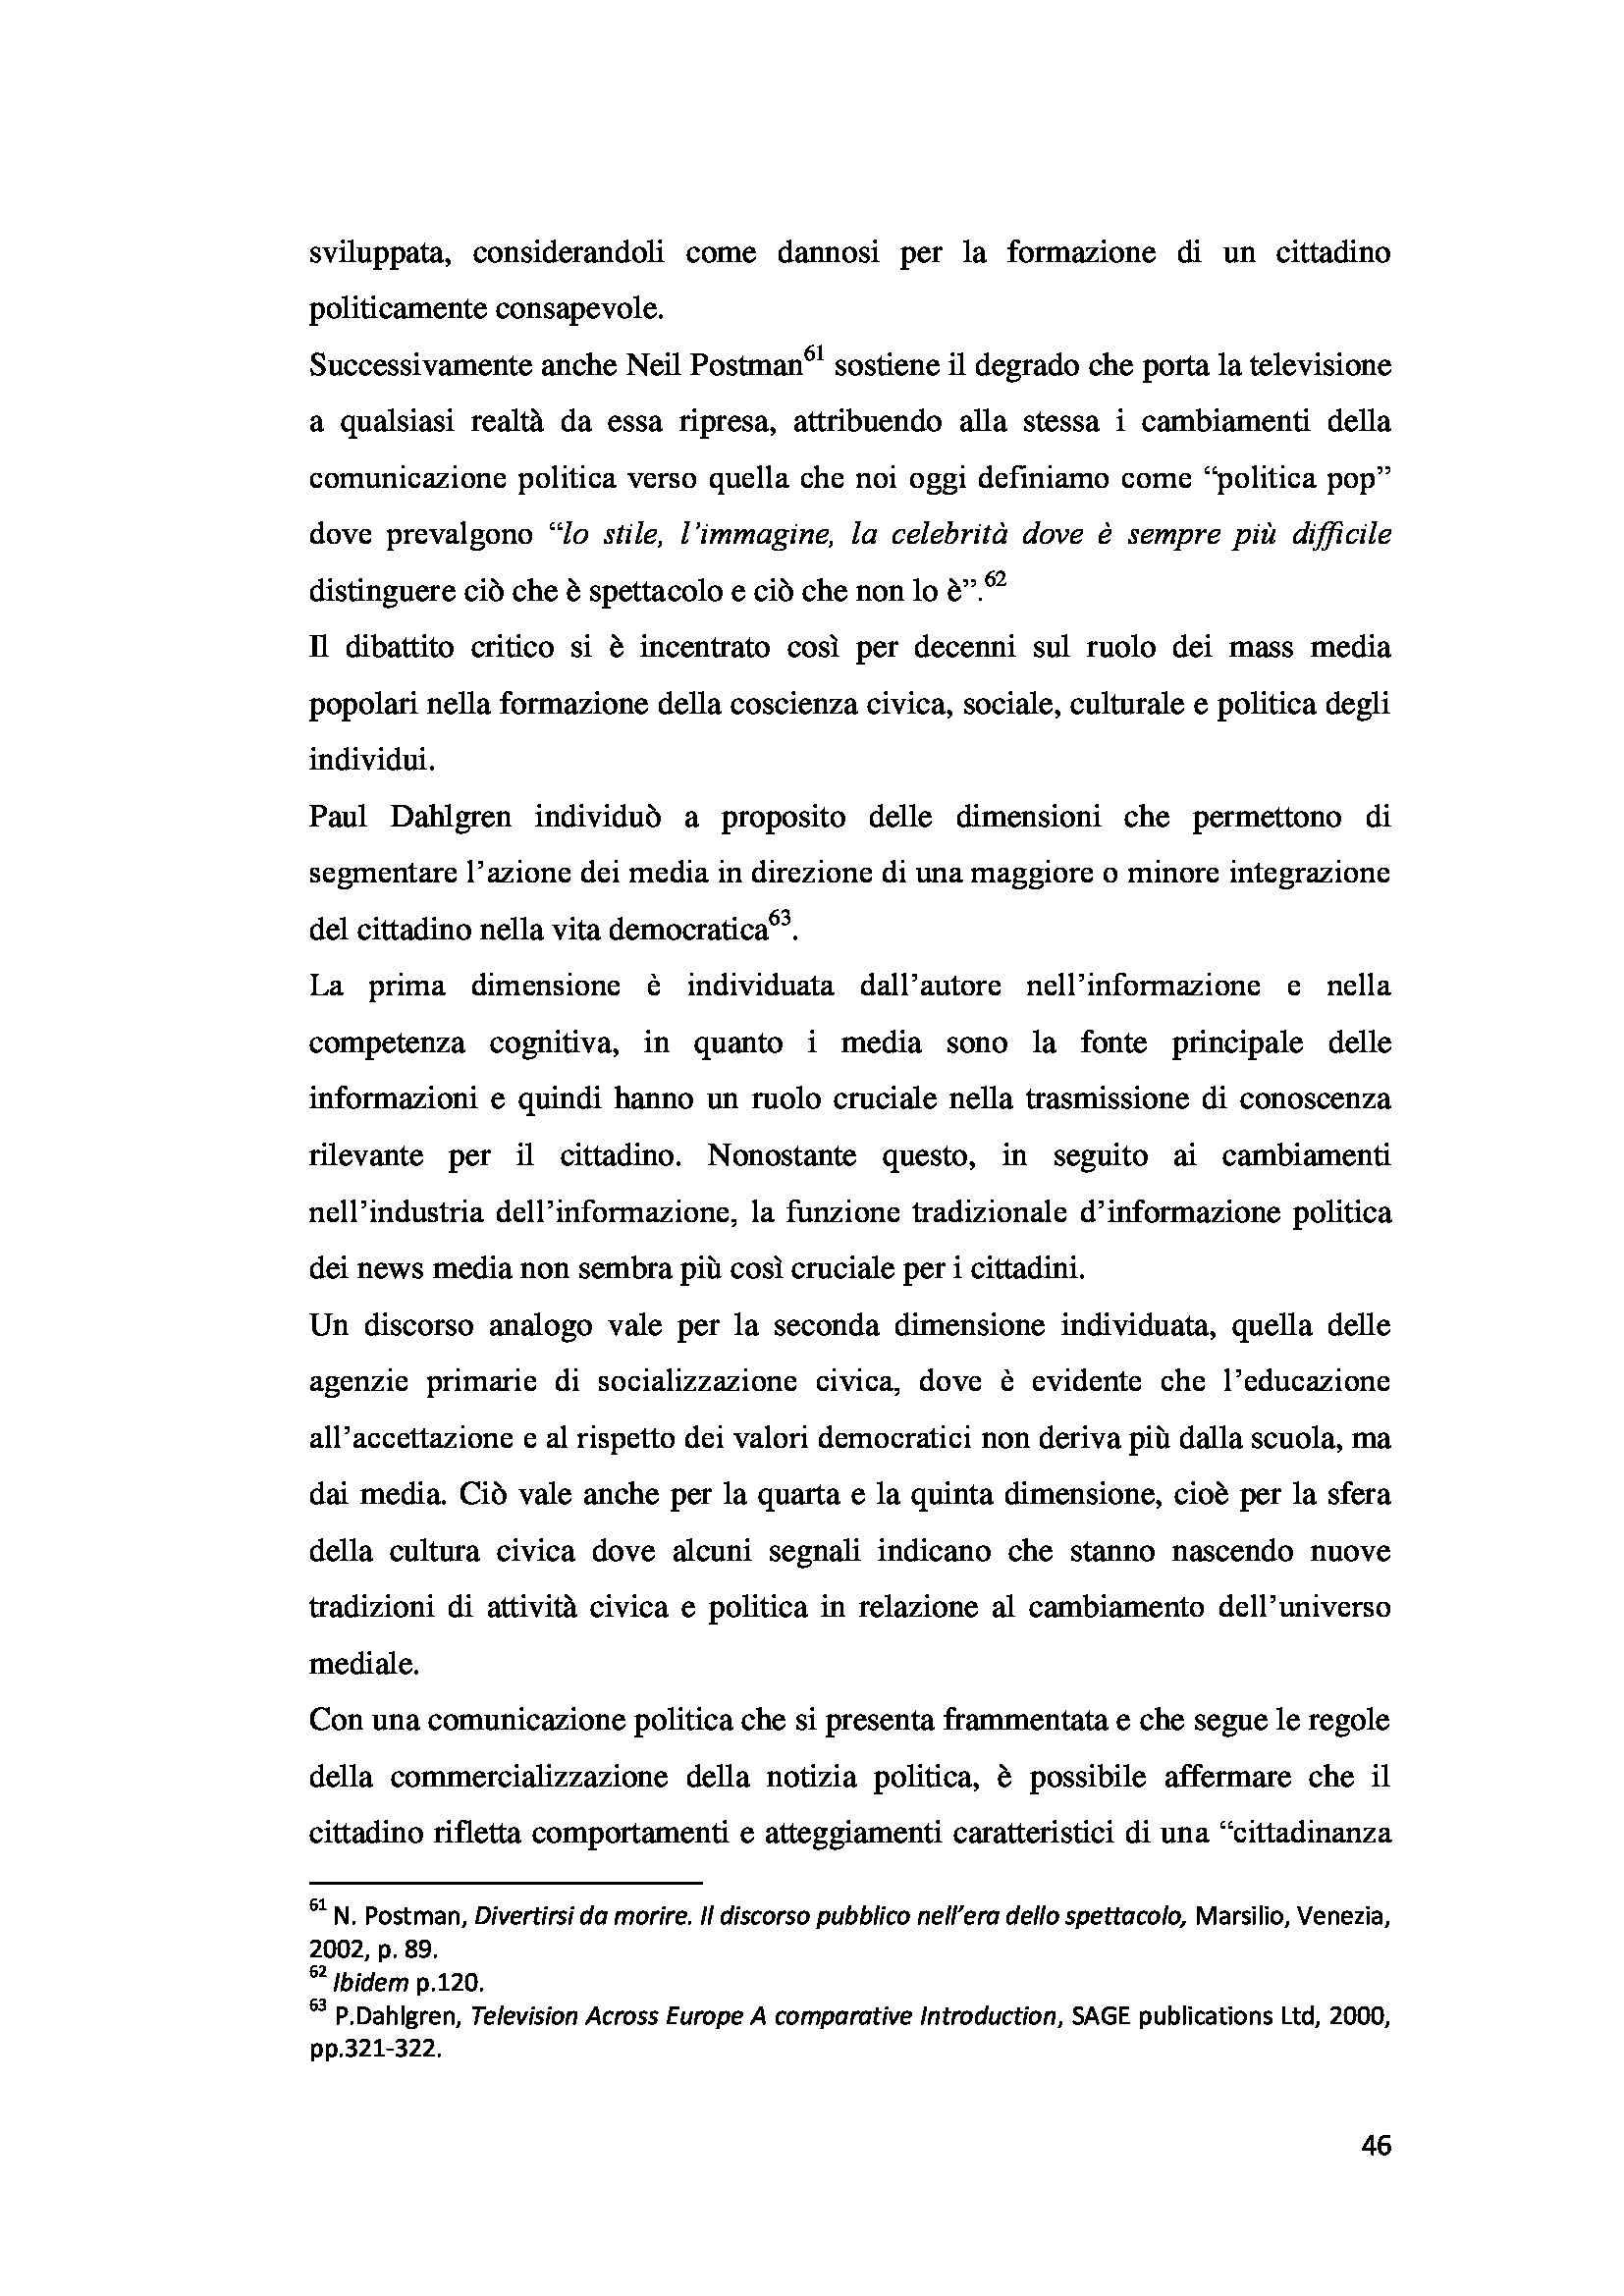 Tesi triennale - La personalizzazione e la spettacolarizzazione della politica Pag. 46